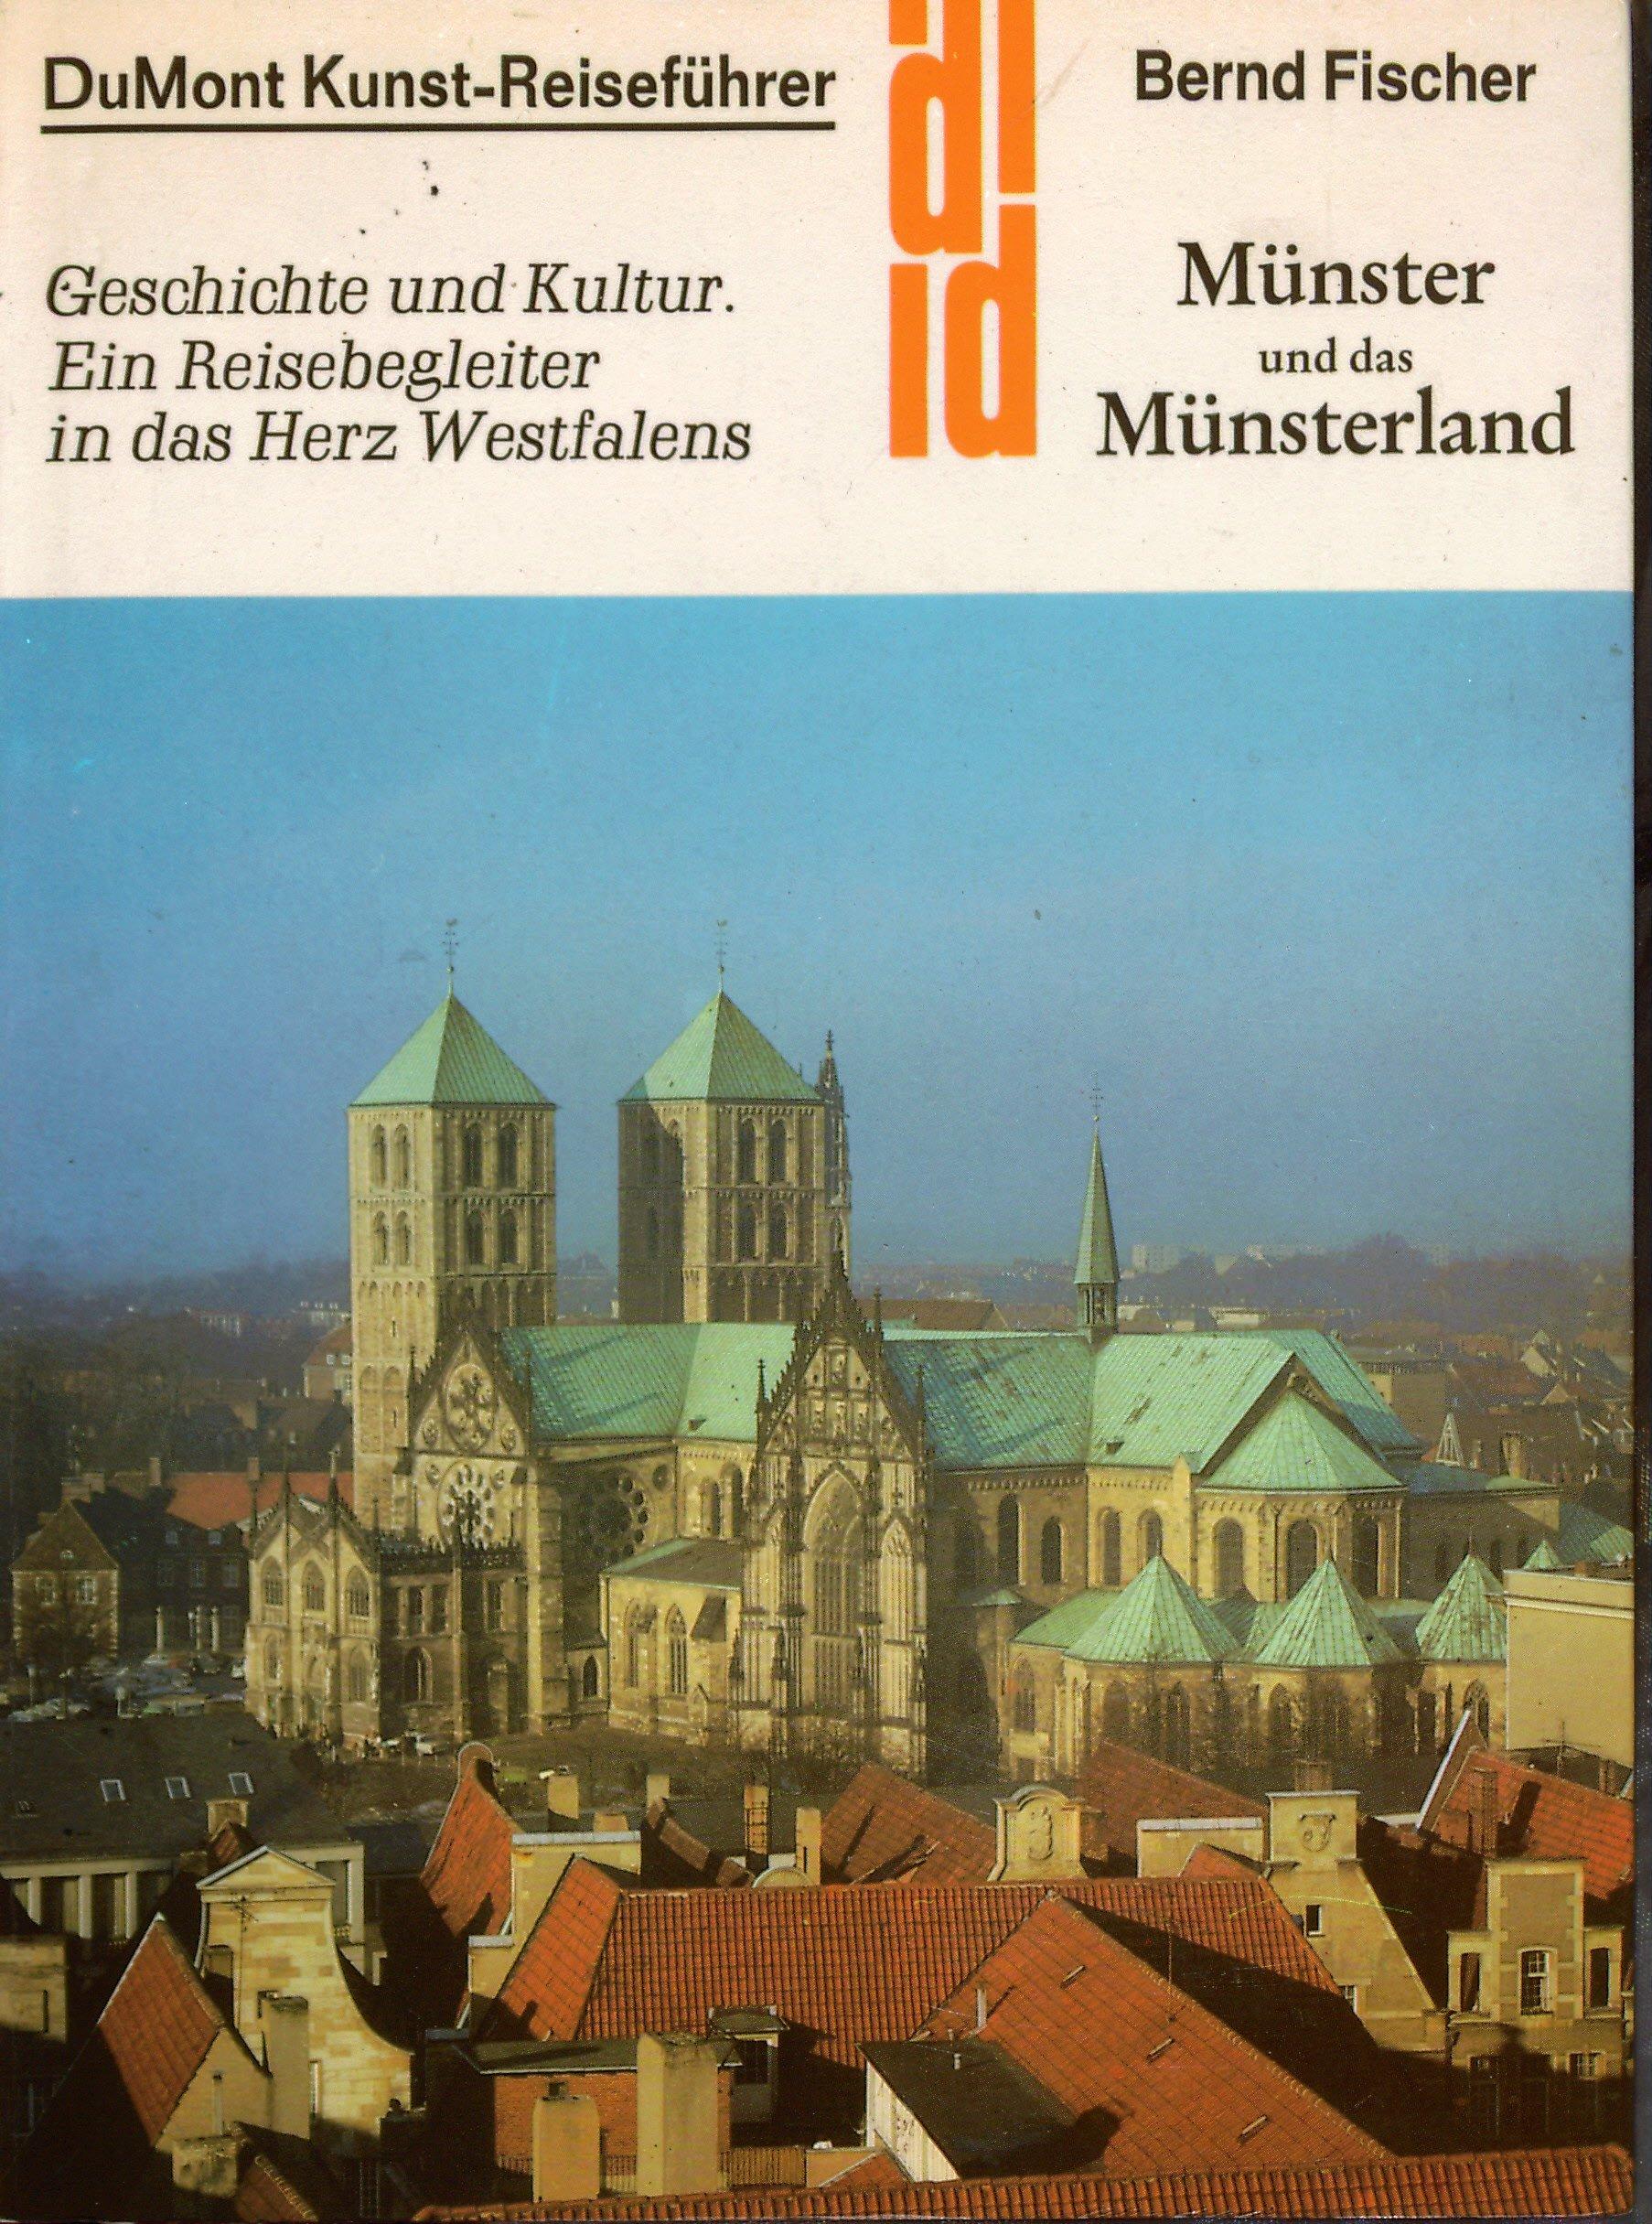 Kunst-Reiseführer Münster und das Münsterland. Geschichte und Kultur. Eine Reisebegleiter in das Herz Westfalens